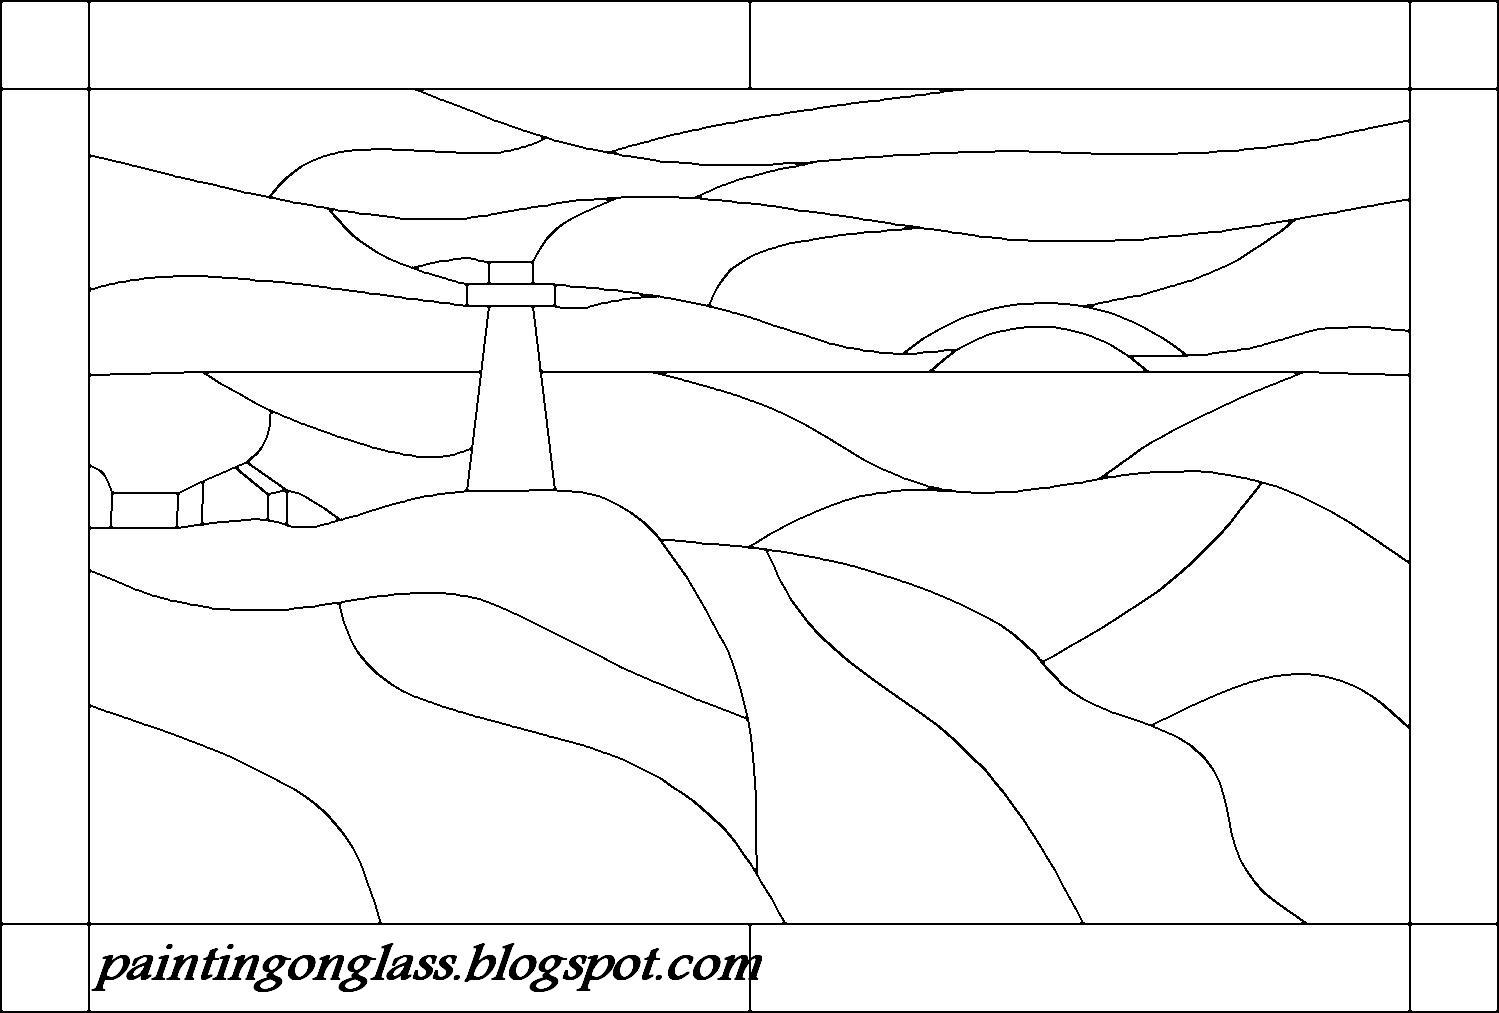 Ferdian Beuh Free Landscaping Designs Clothing